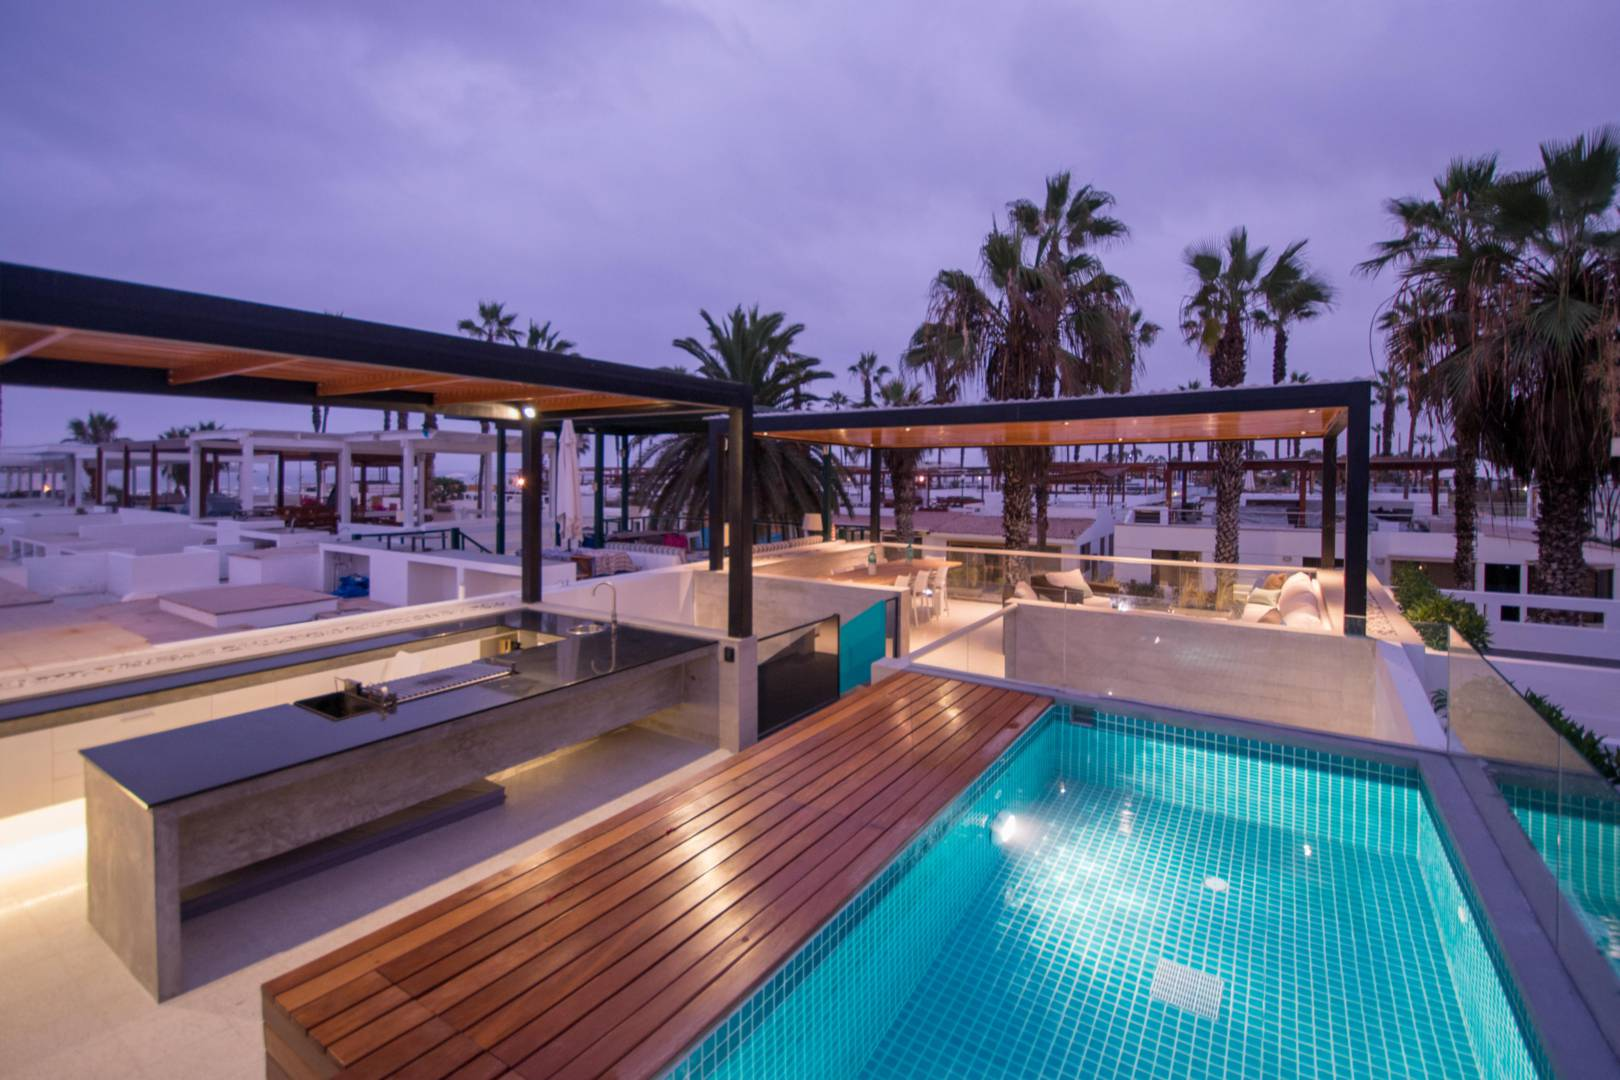 Casa S - Romo Arquitectos (51 of 94)